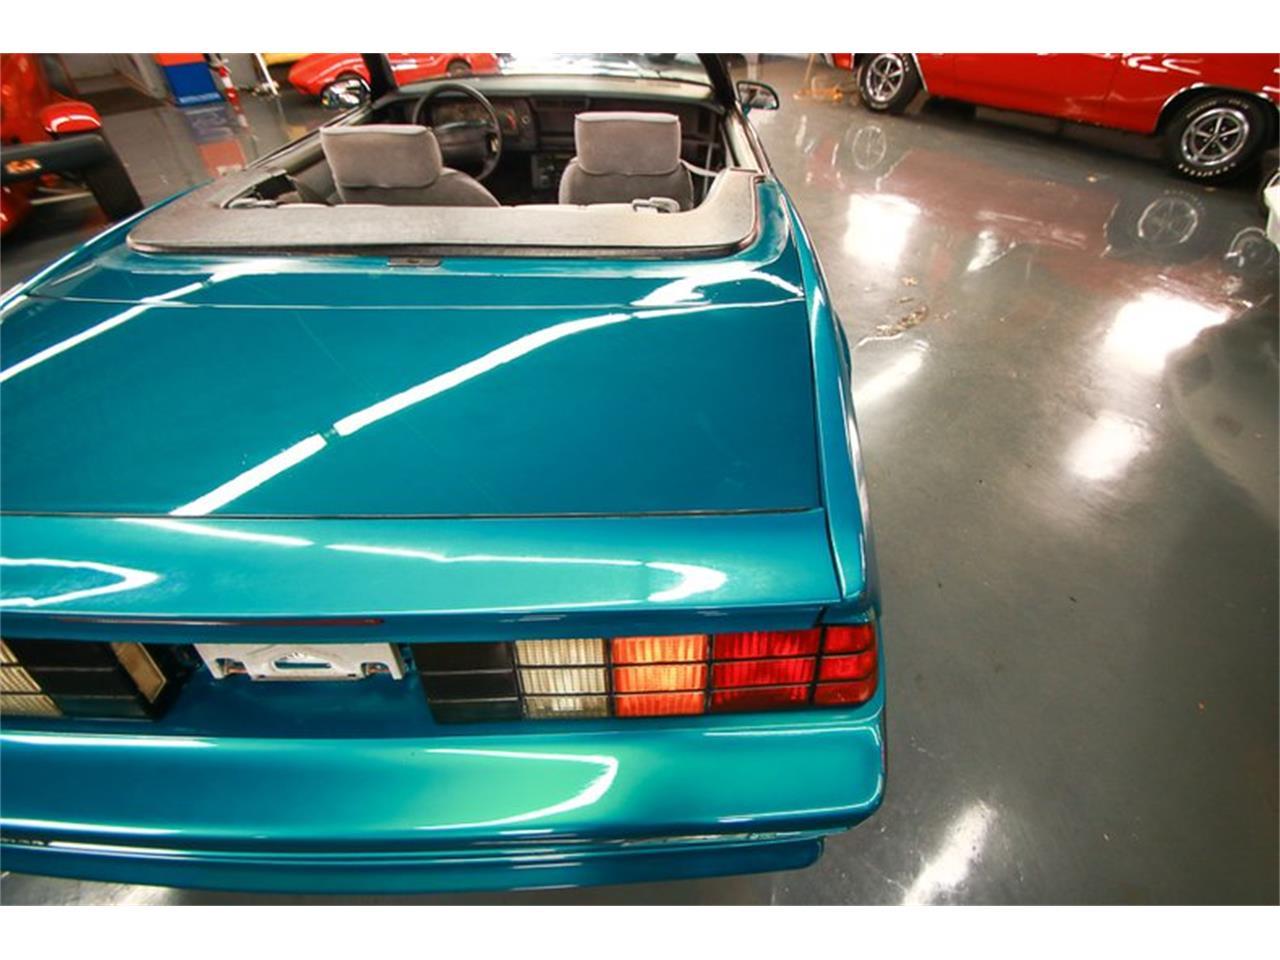 Large Picture of '92 Camaro located in Ohio - QLU7